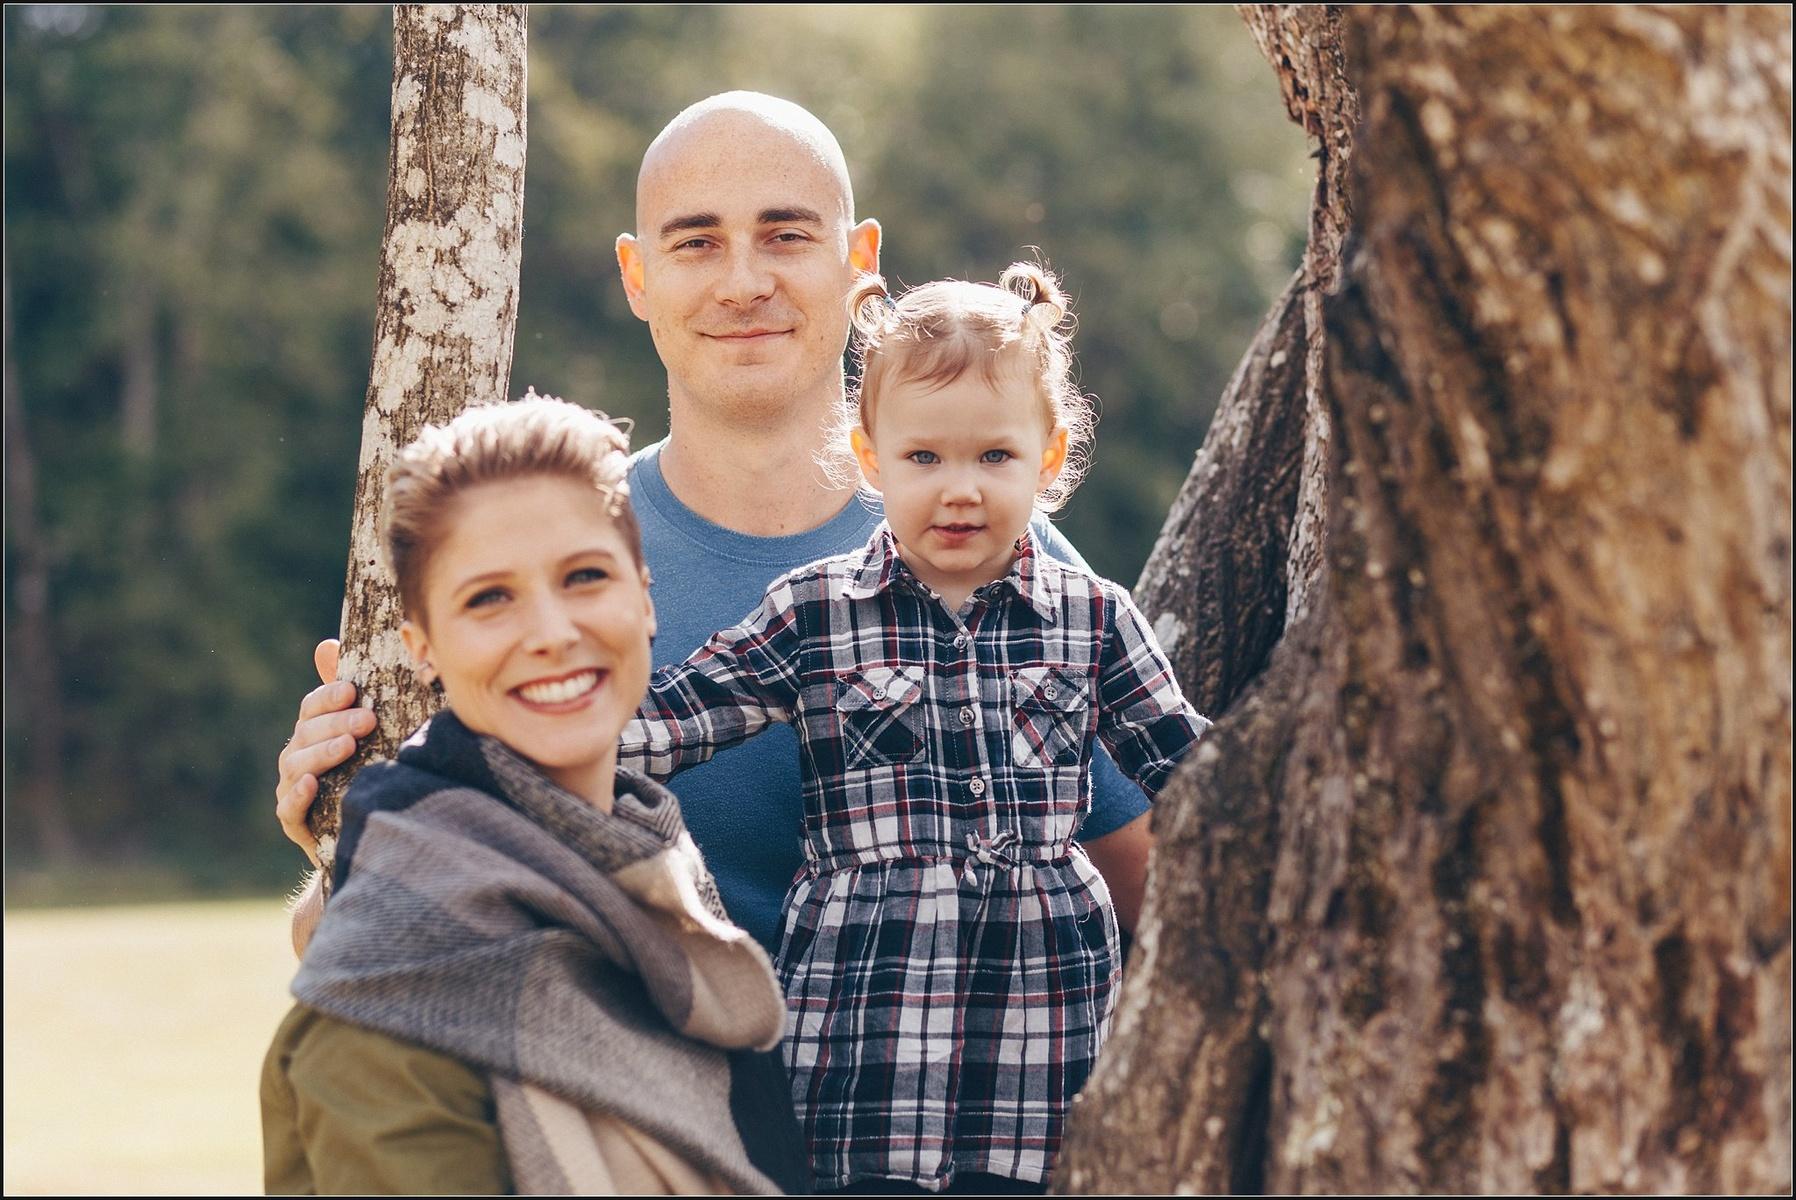 seattleweddingphotography_0168.jpg